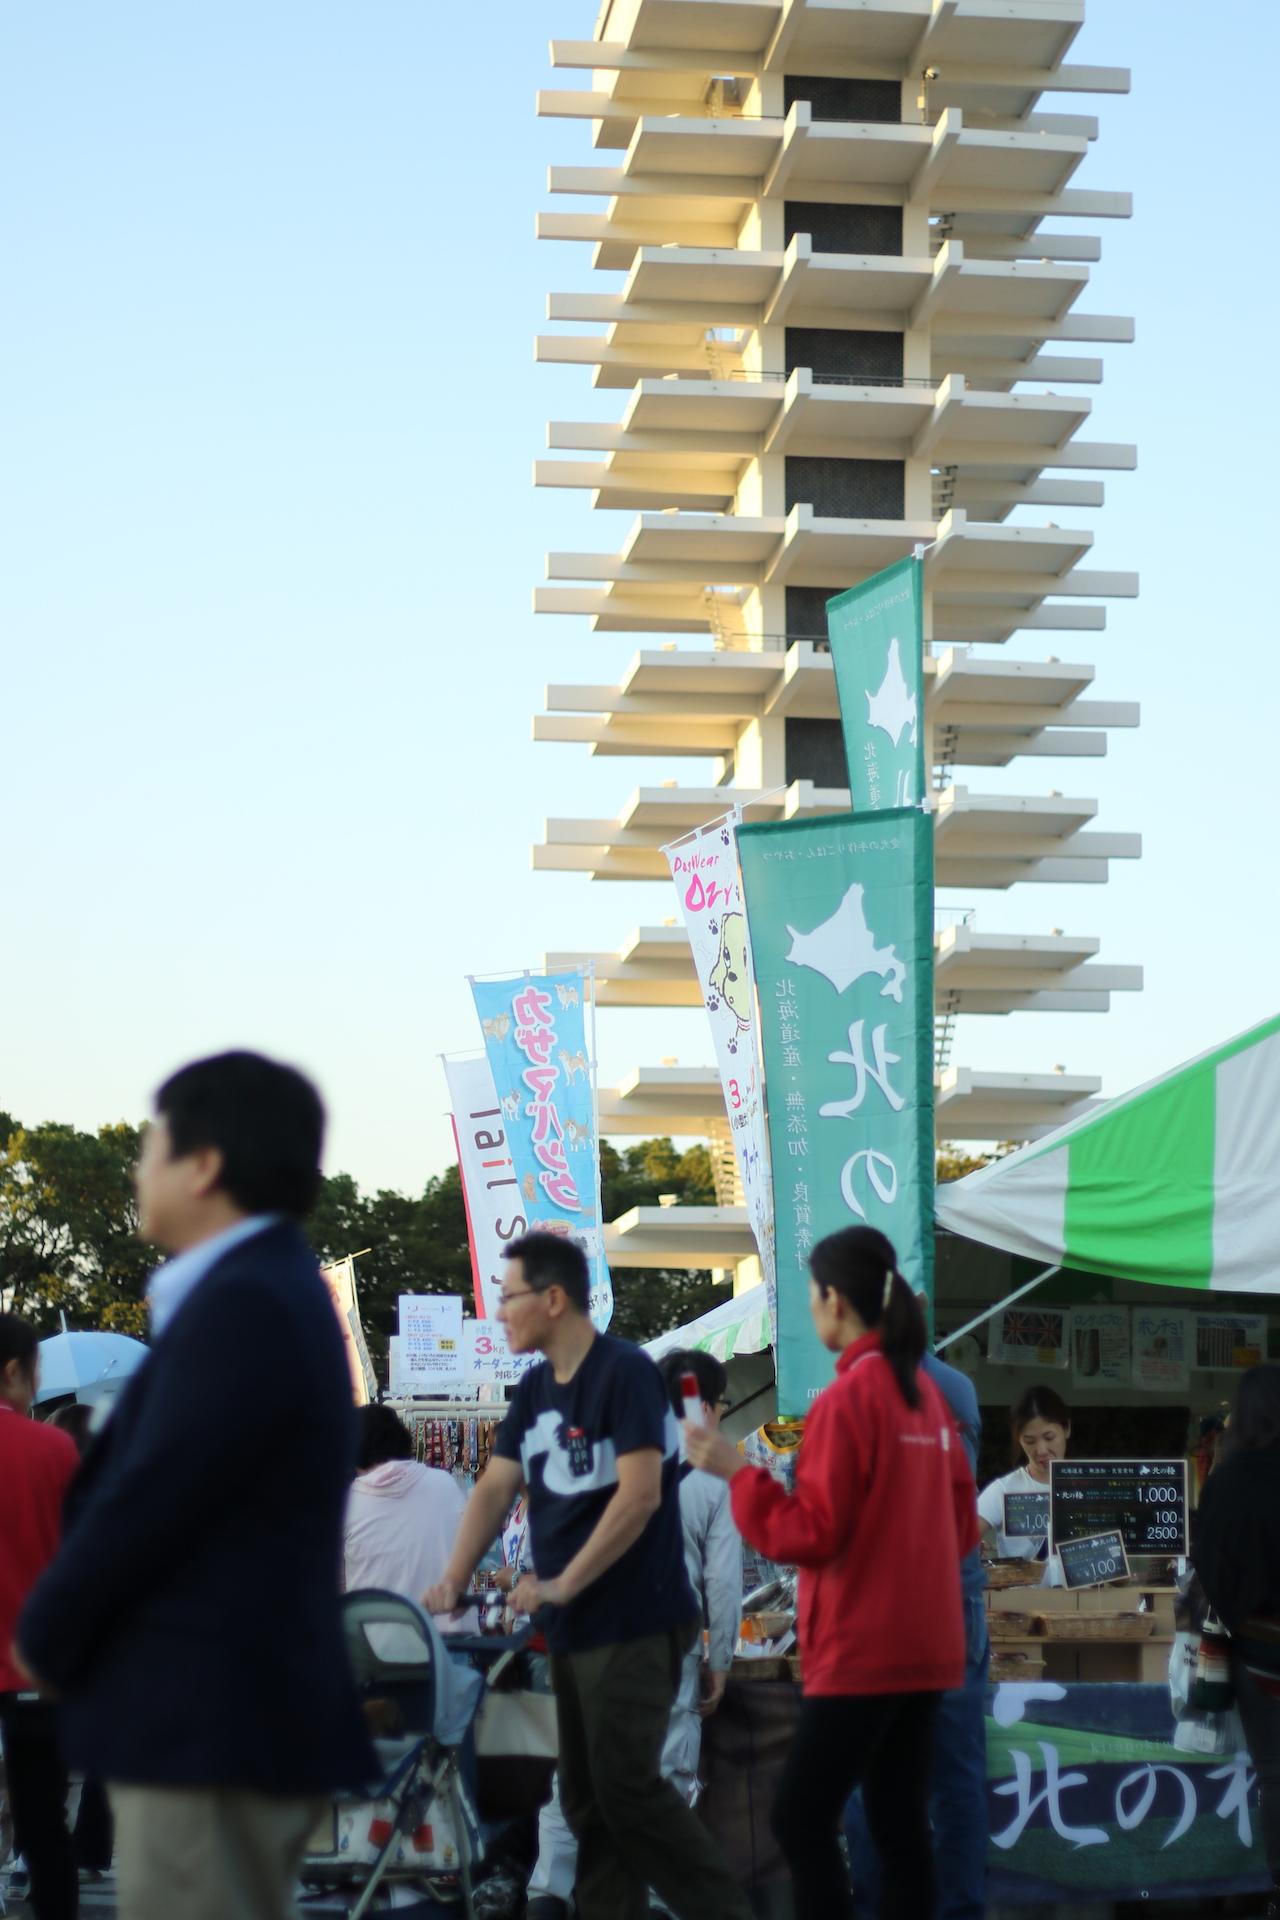 モラキジドッグ 駒沢公園わんわんカーニバル2016